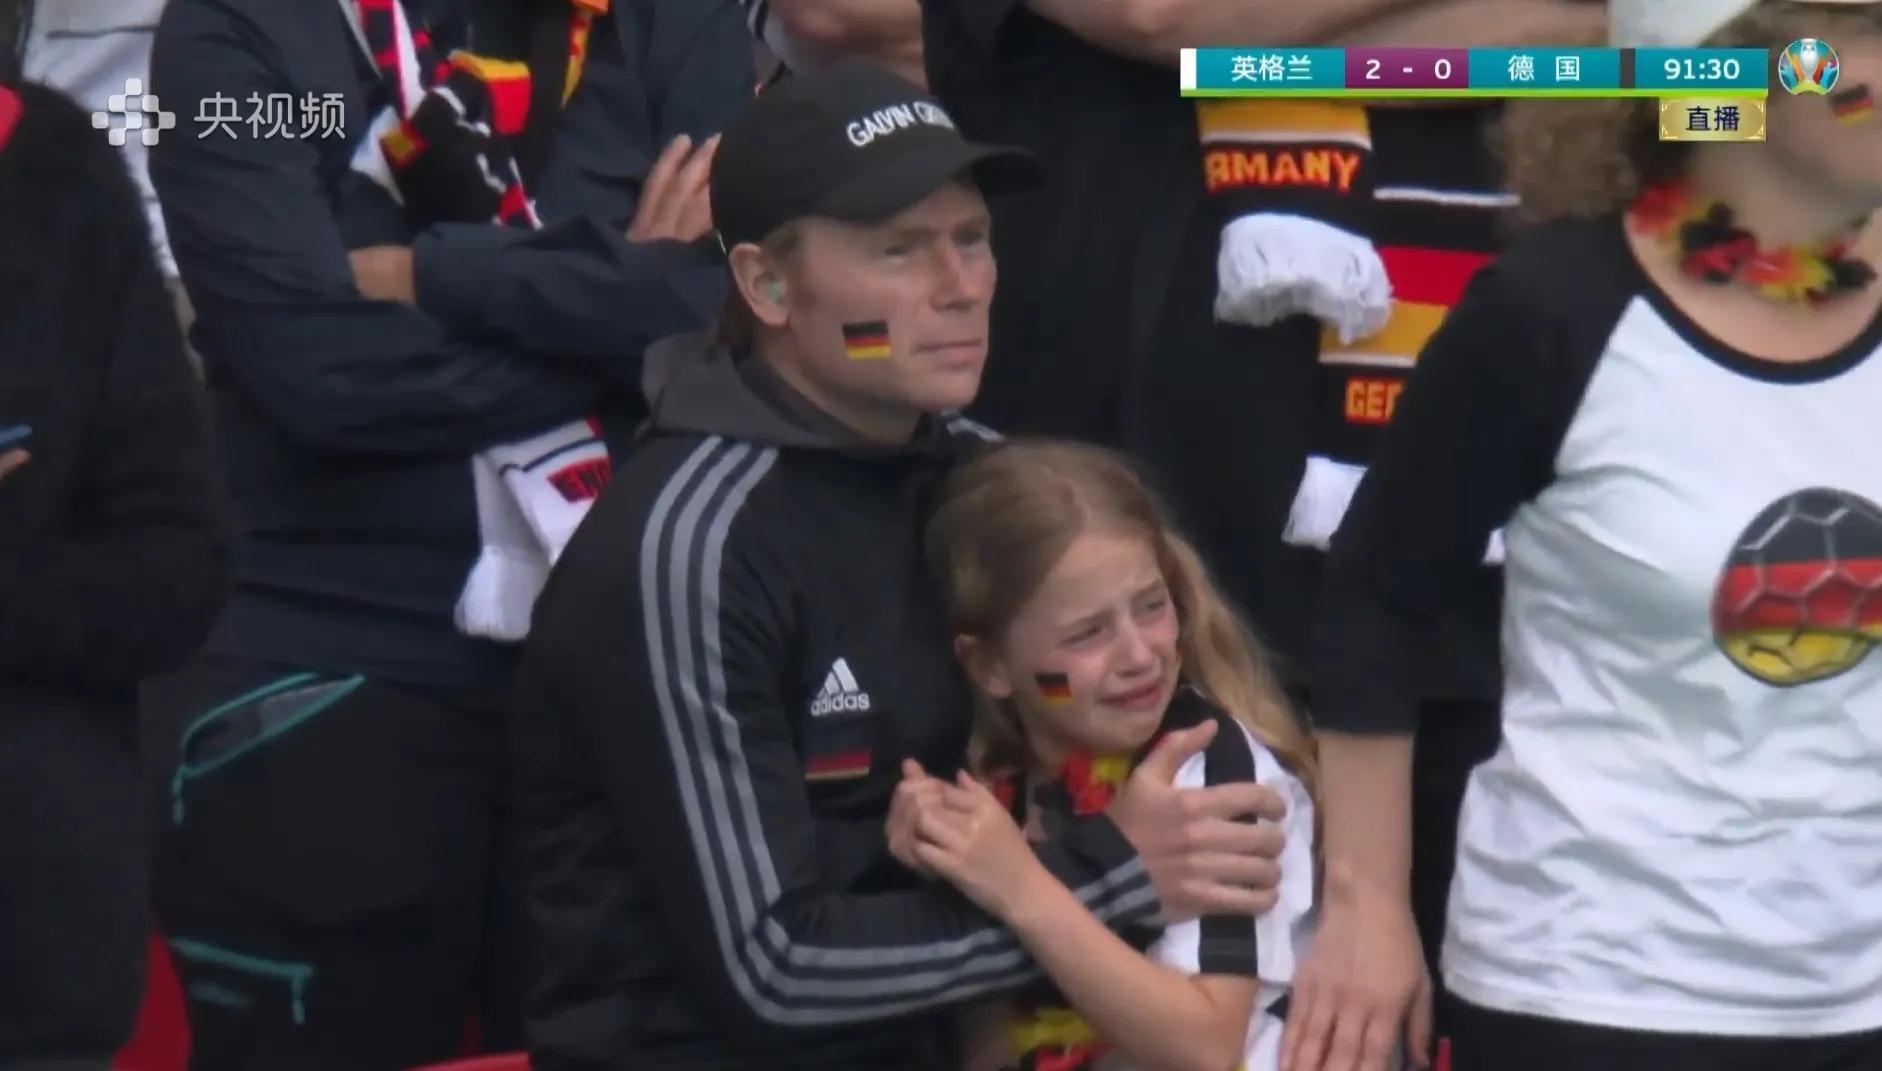 英格兰2-0击败德国,德国球迷哭了